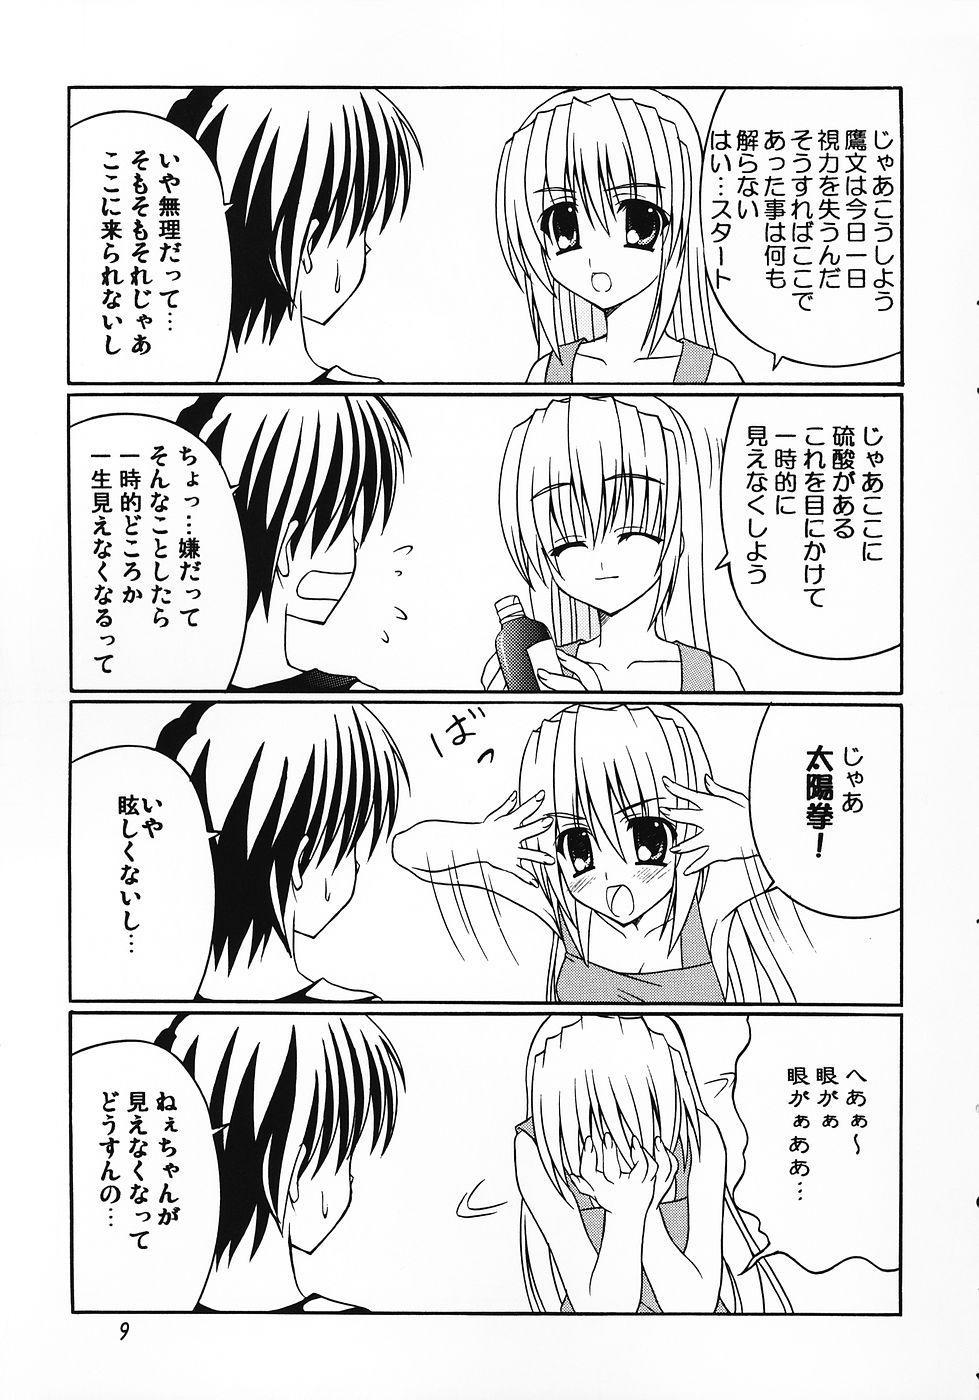 Saranaru Takamihe After 8